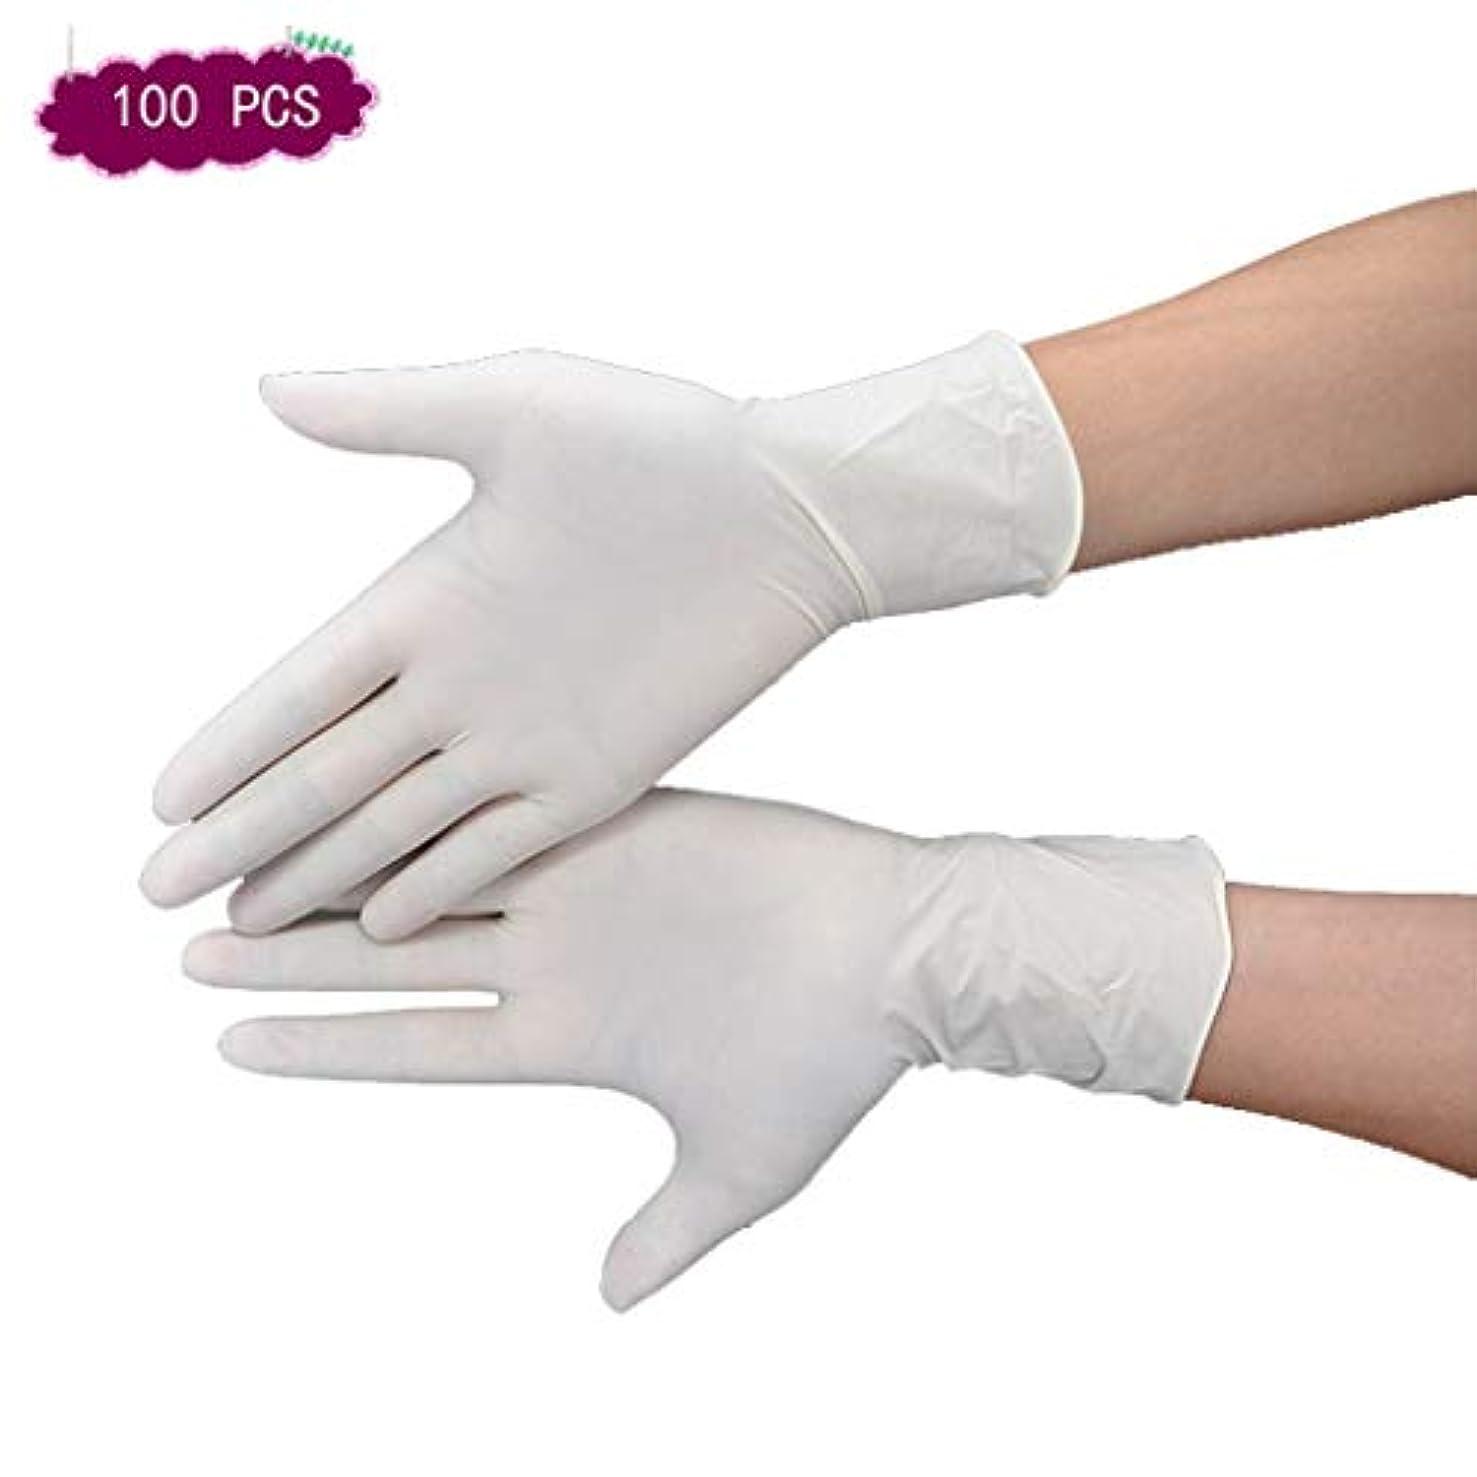 政治家の医師適用済み使い捨てラテックス手袋ニトリル9 InchProtectiveパウダーフリー9インチラテックス手袋工業用洗濯長い手袋はありませんパウダー (Color : 9 inch, Size : S)